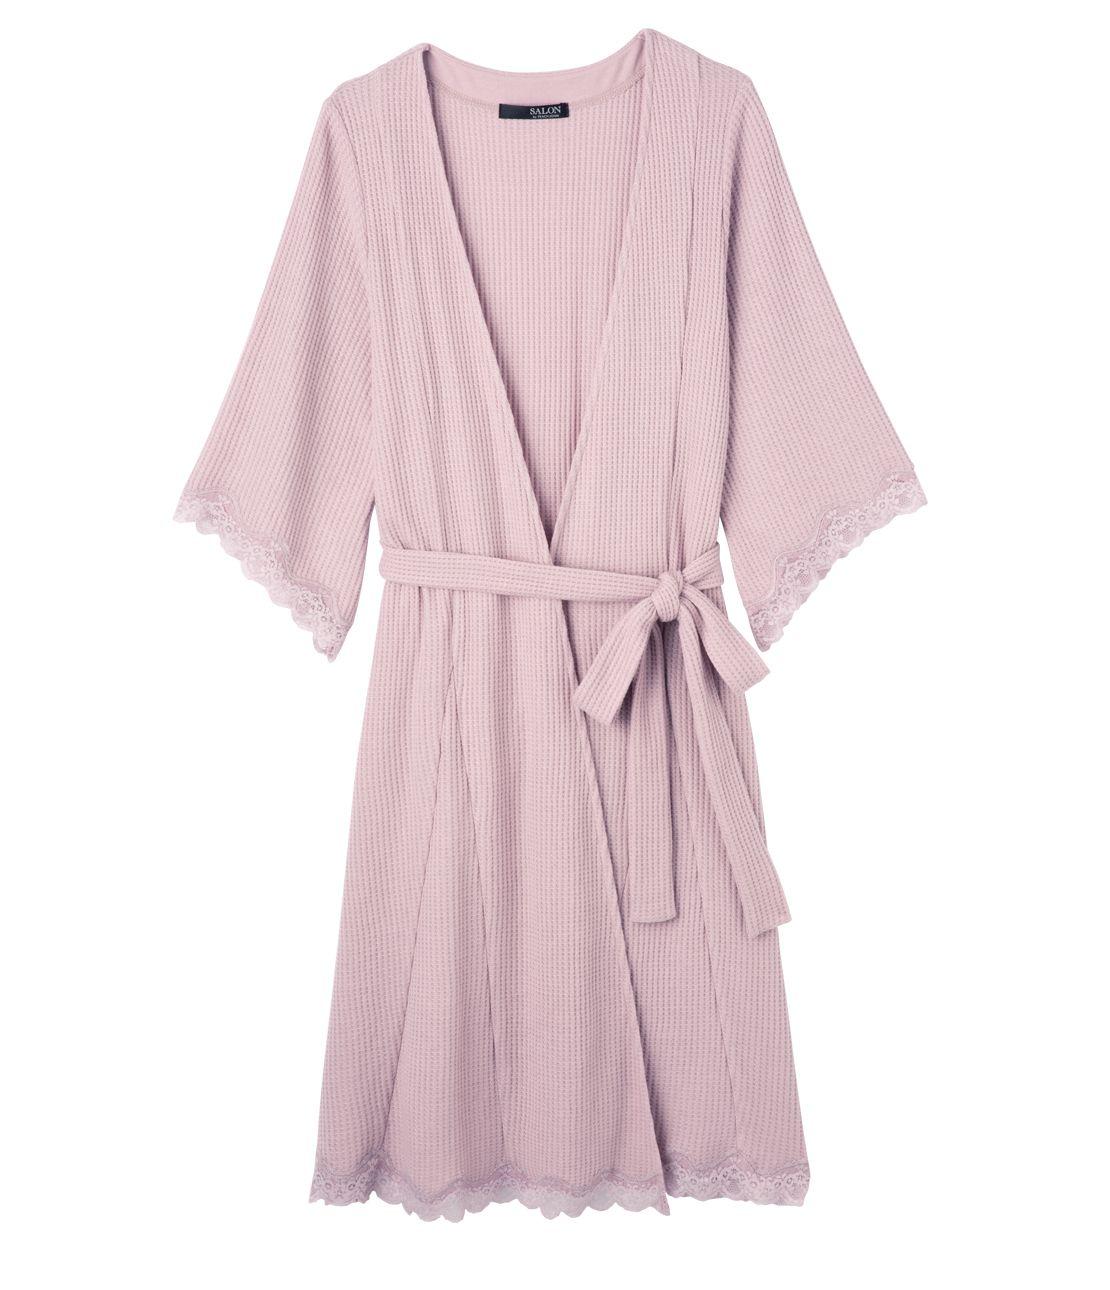 Soft waffle robe